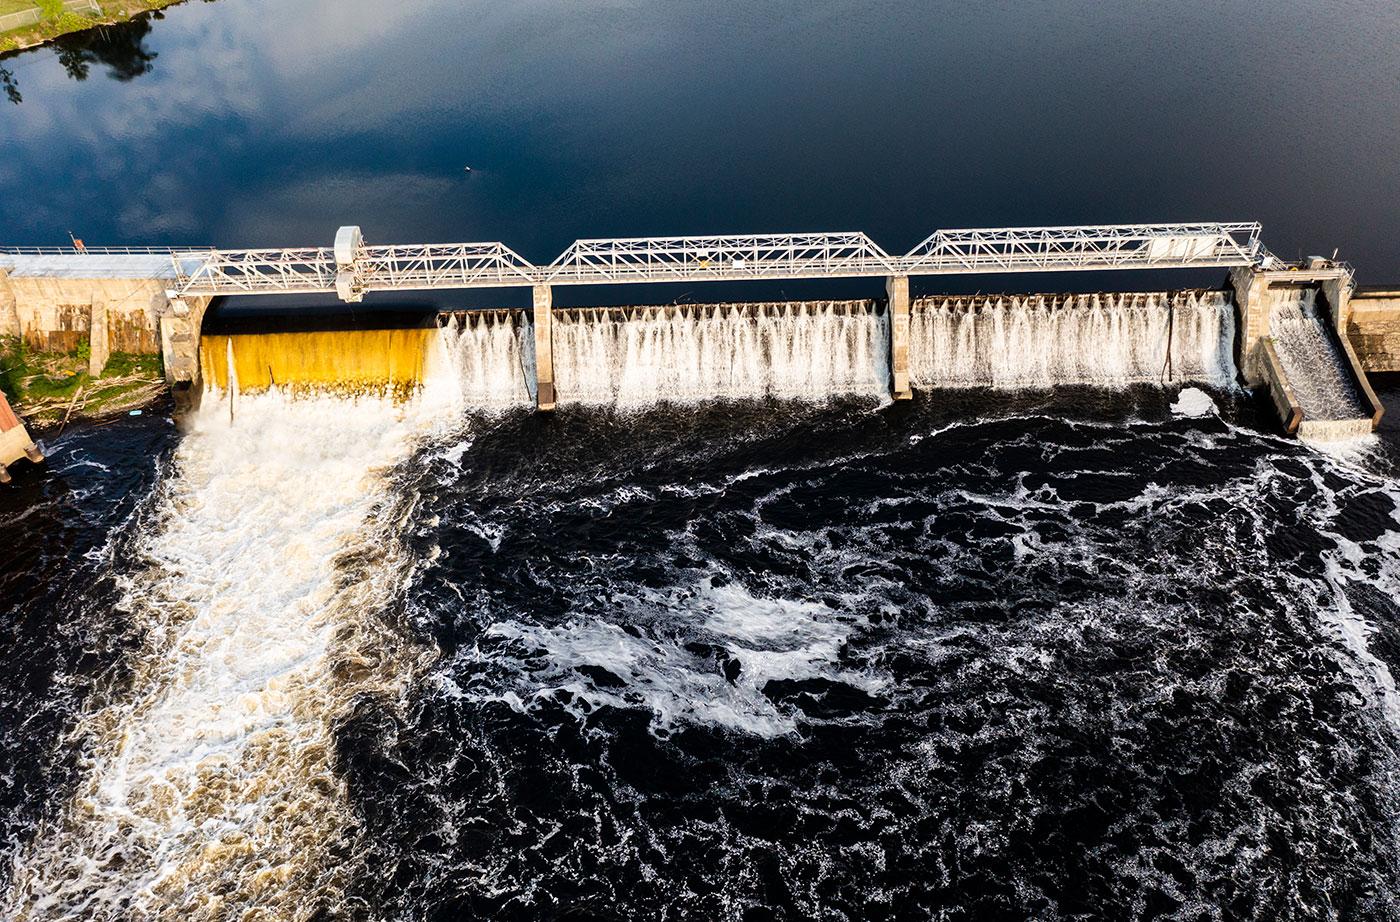 Shawmut Dam